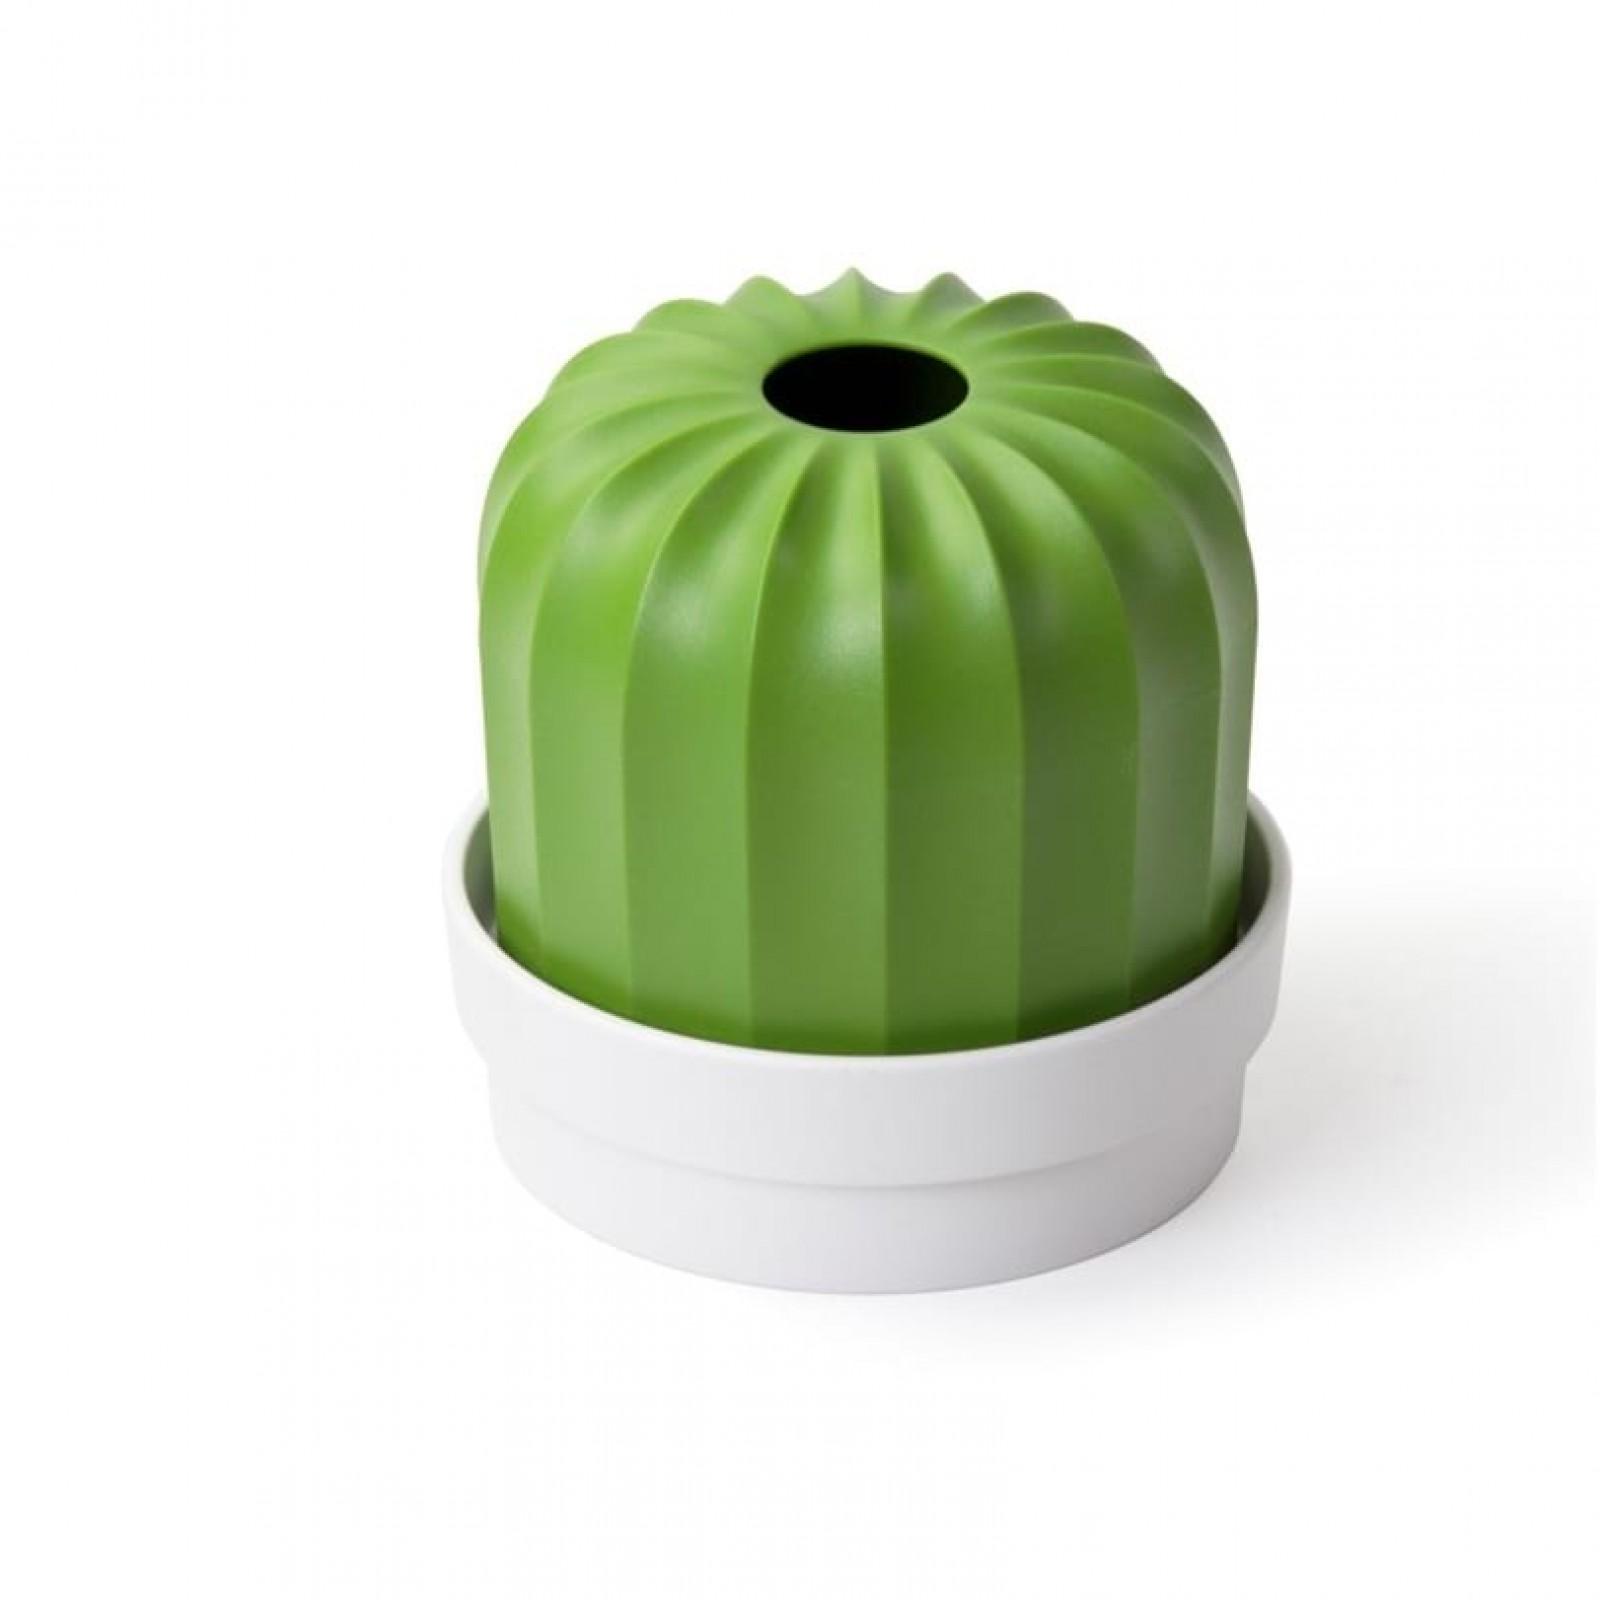 Cactiss Napkin / Toilet Paper Holder & Plant Pot (Green / White) - Qualy